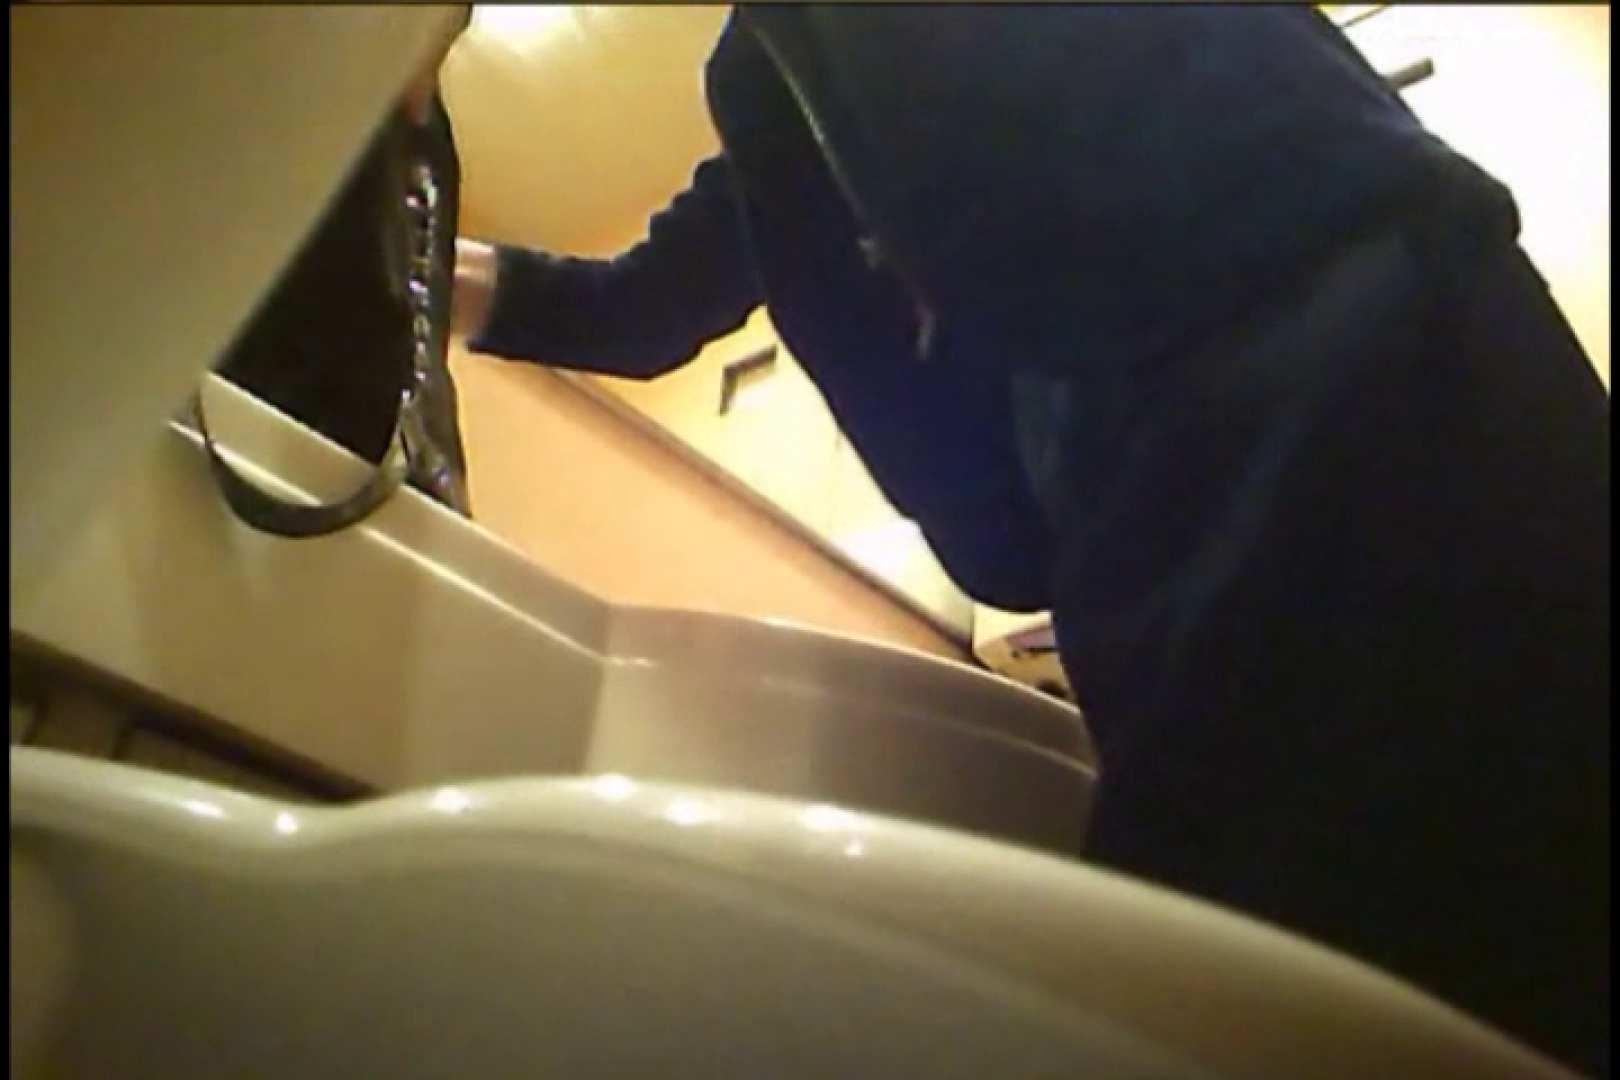 画質向上!新亀さん厠 vol.86 リアル黄金水 AV無料動画キャプチャ 85画像 47